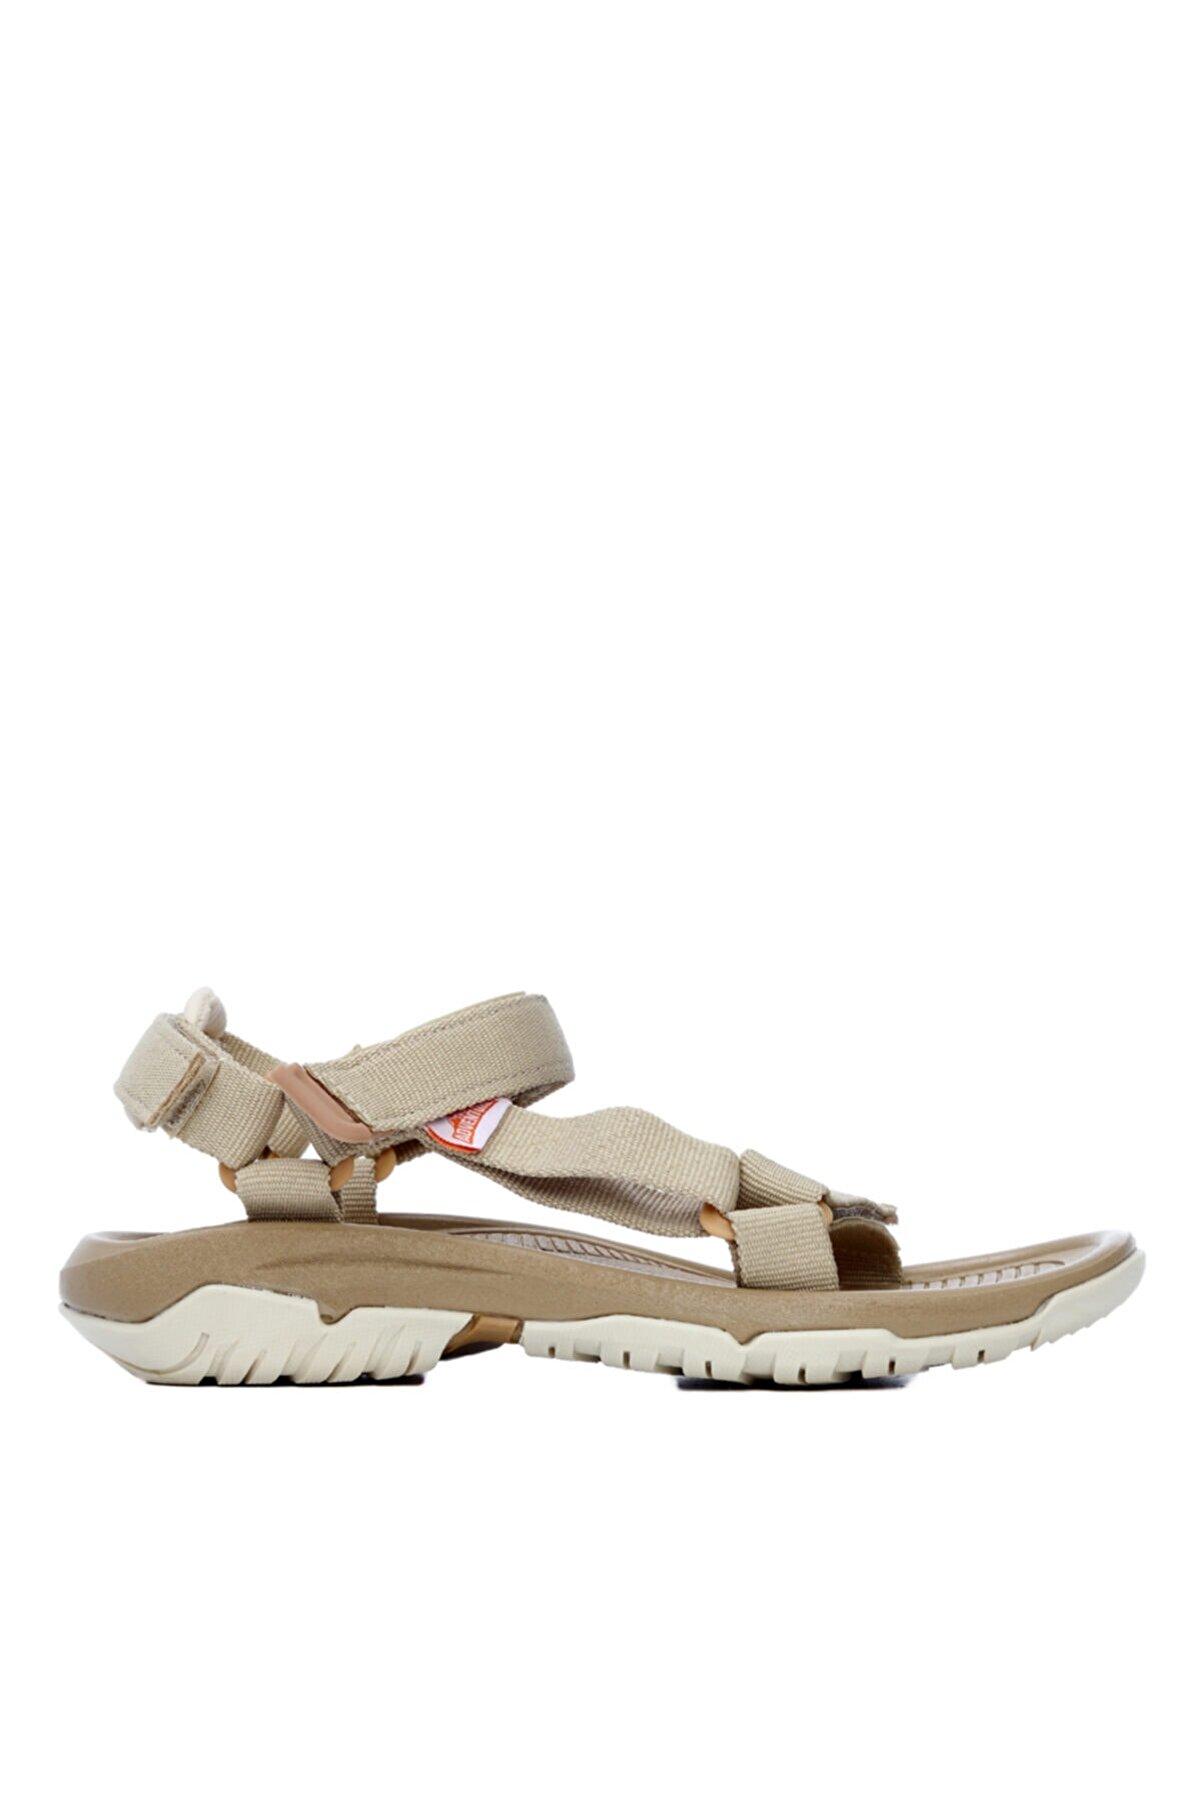 Kemal Tanca Kadın Bej Tekstil Sandalet